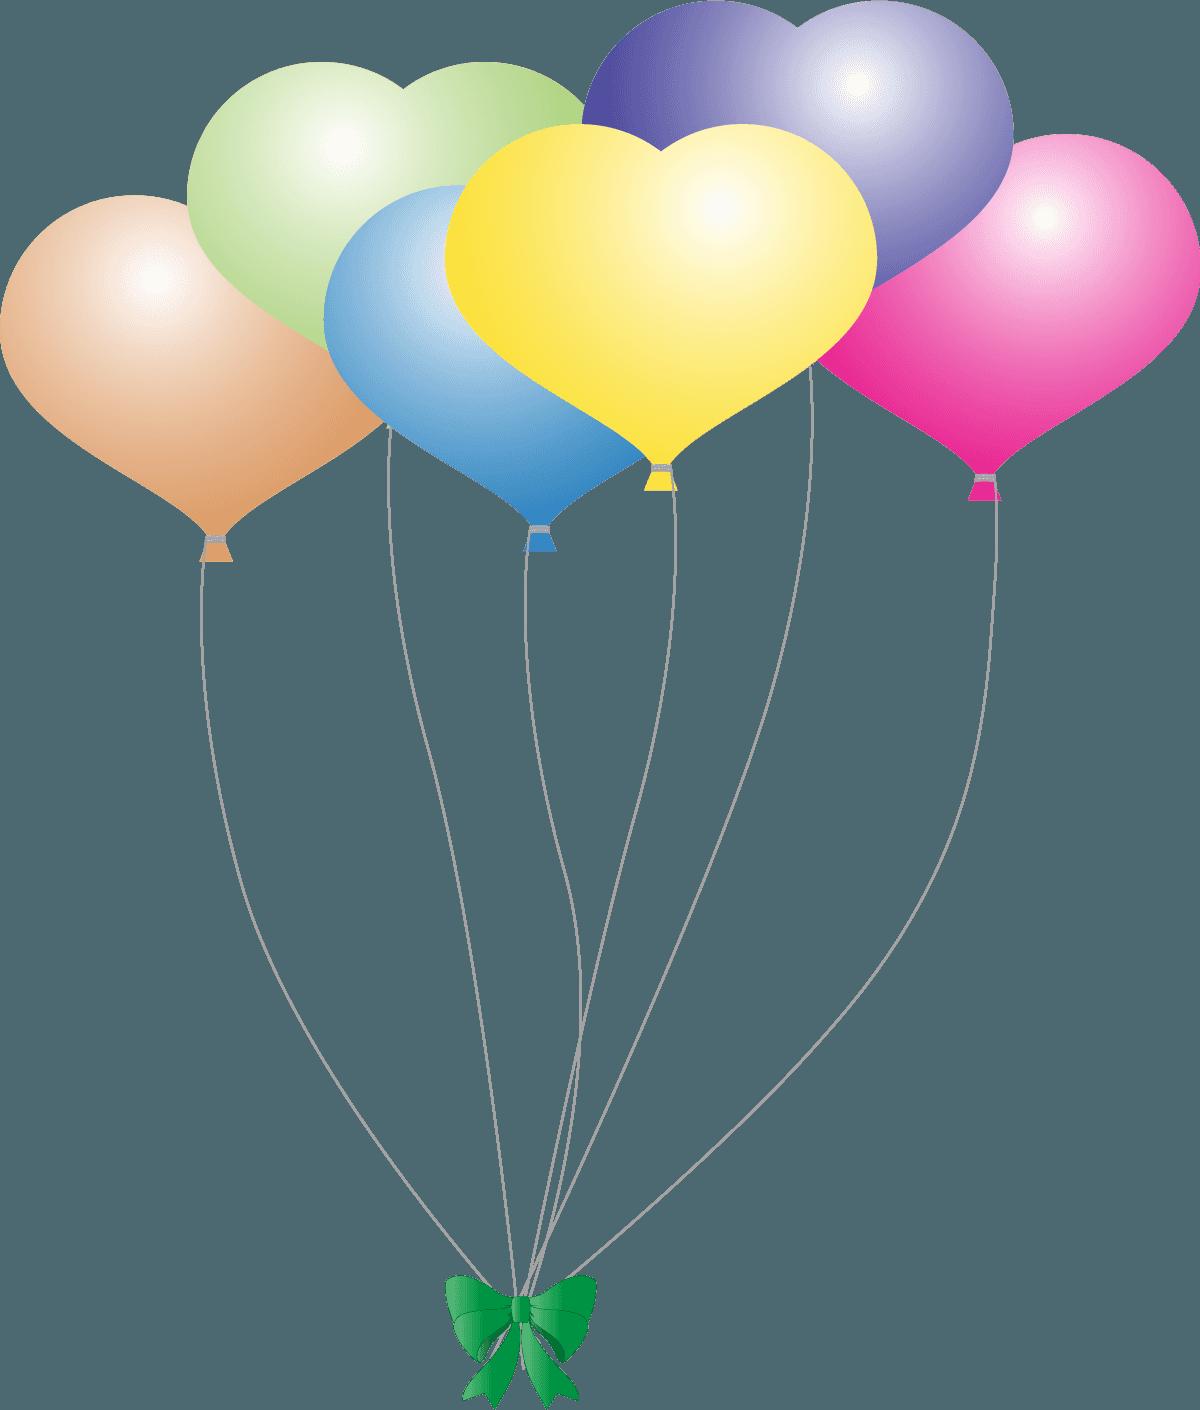 可愛いハート型の風船の束イラスト